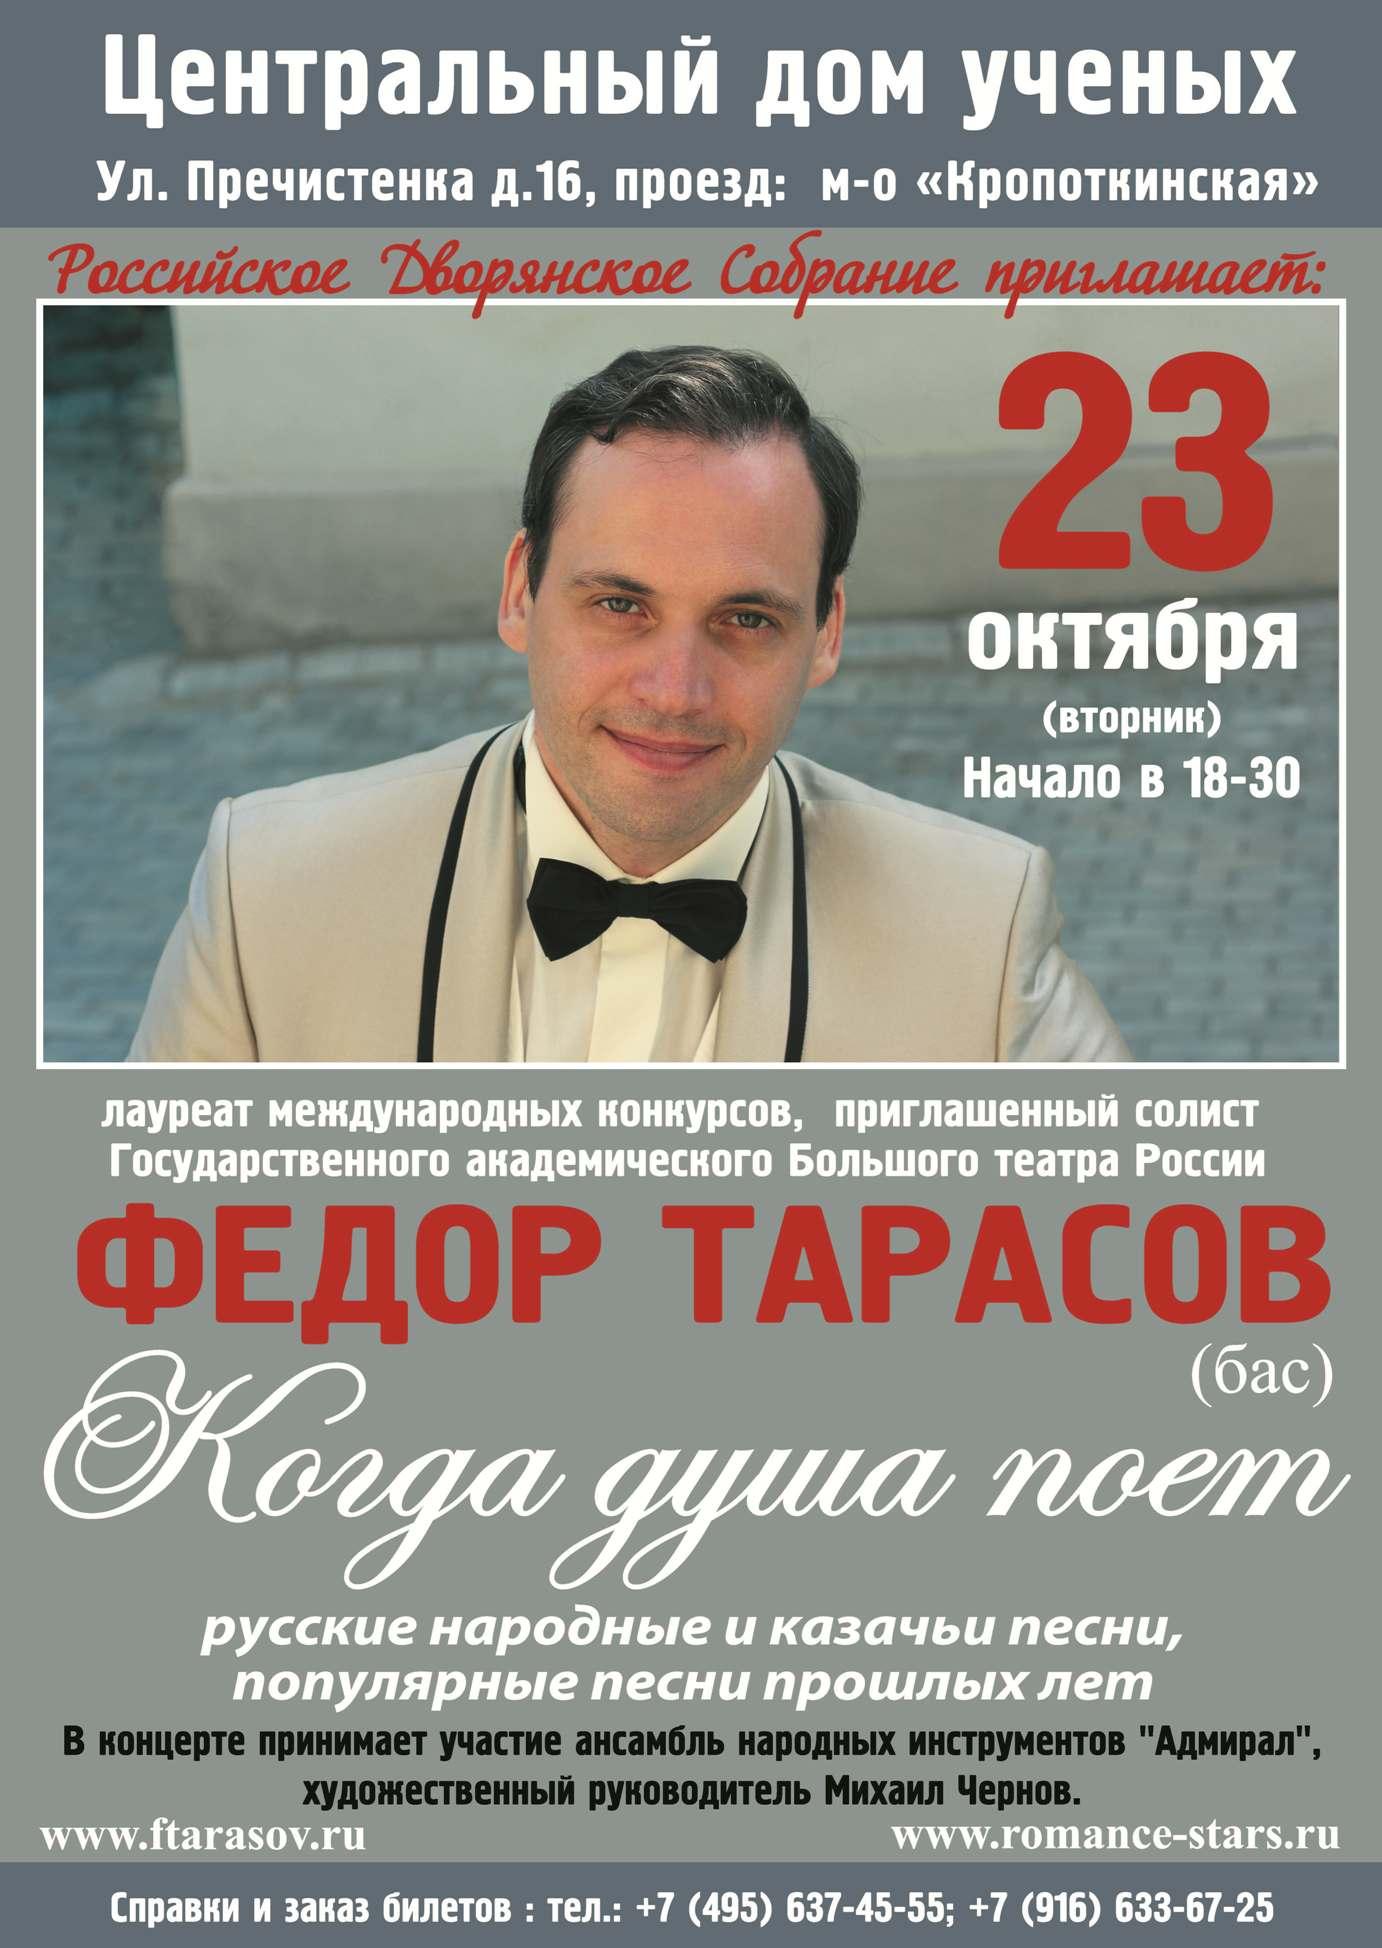 Сольный концерт Фёдора Тарасова (бас) в Центральном доме ученых